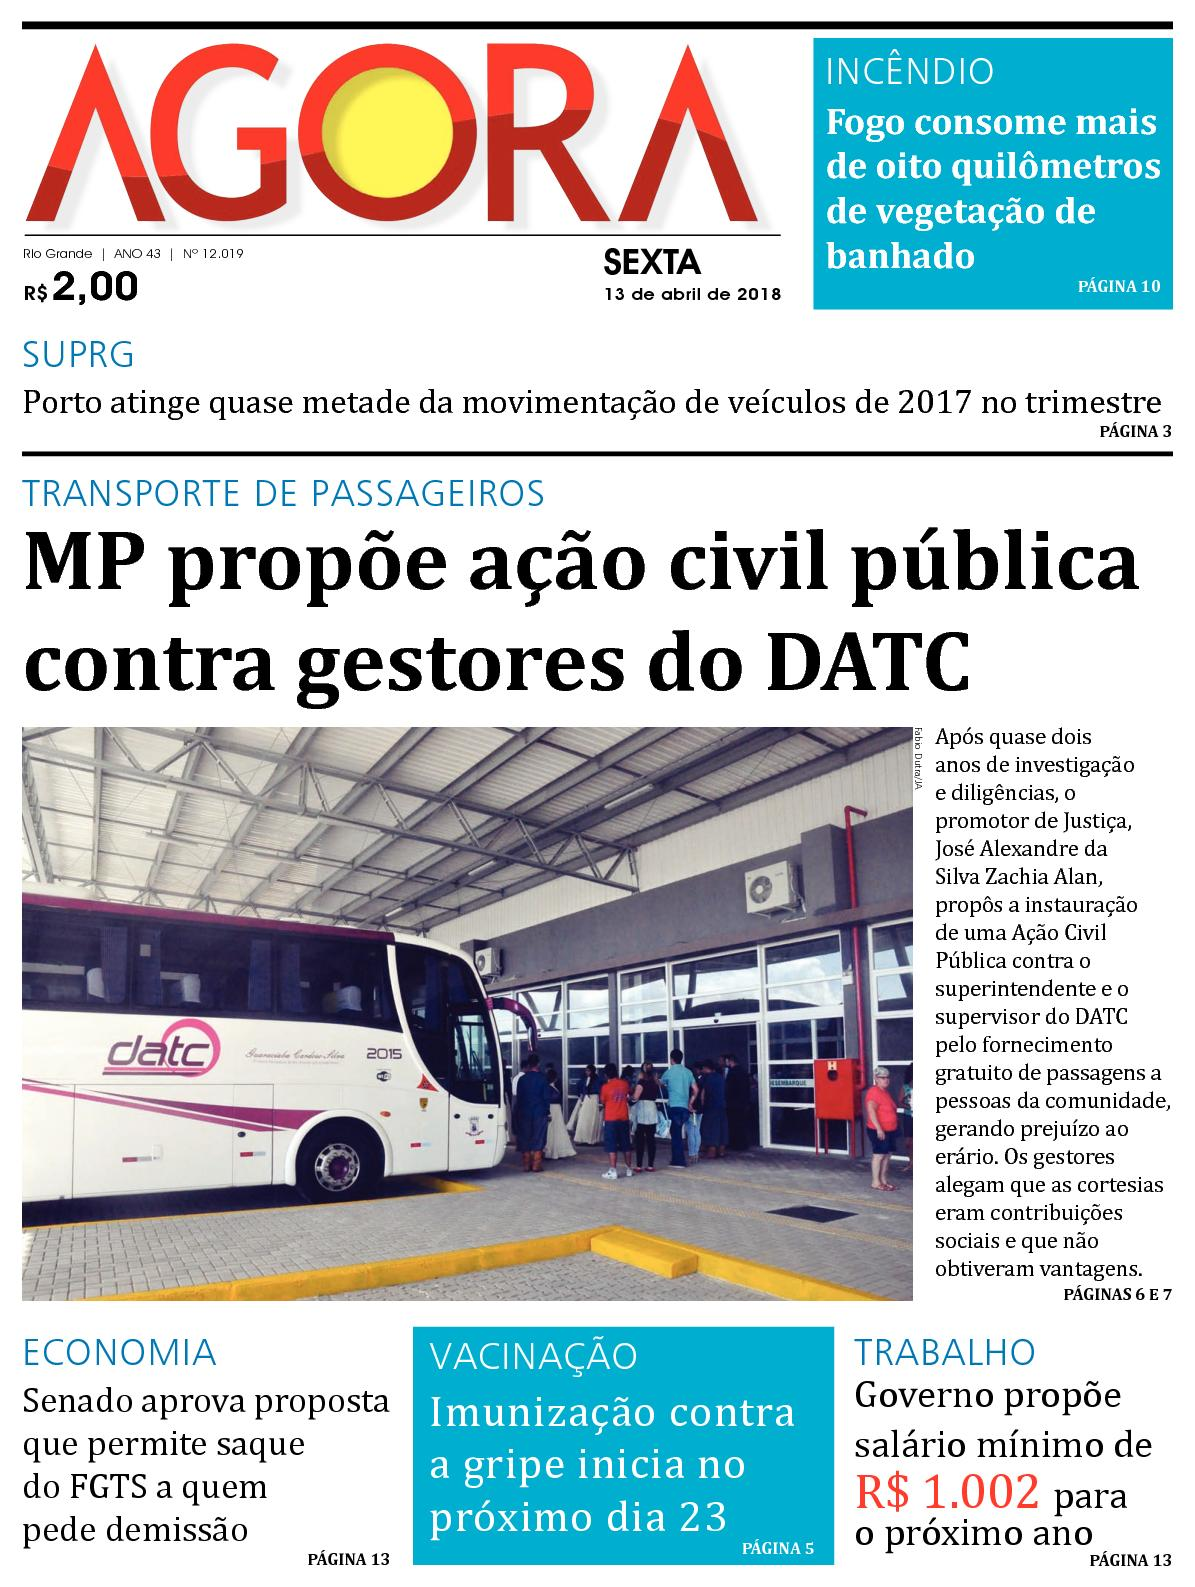 a2d5c9eef5a06 Calaméo - Jornal Agora - Edição 12019 - 13 de Abril de 2018